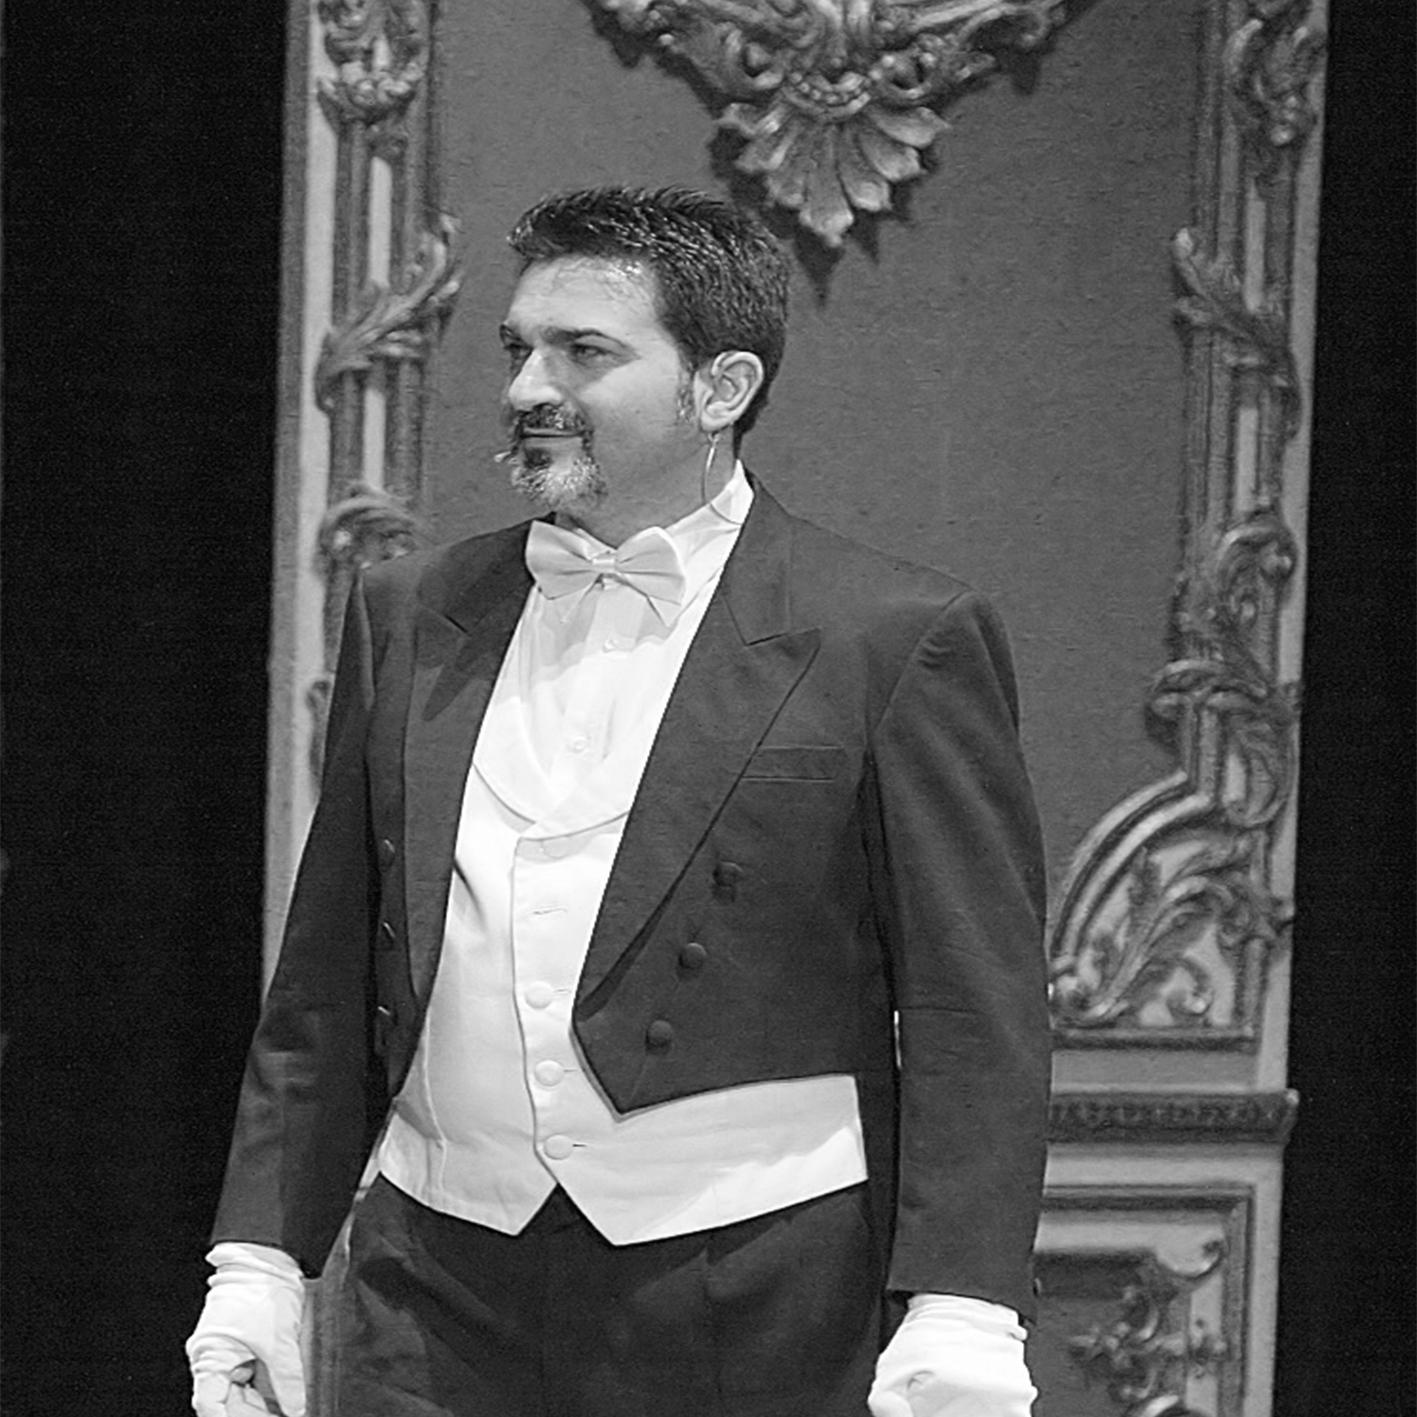 Antonio Colamorea, tenore